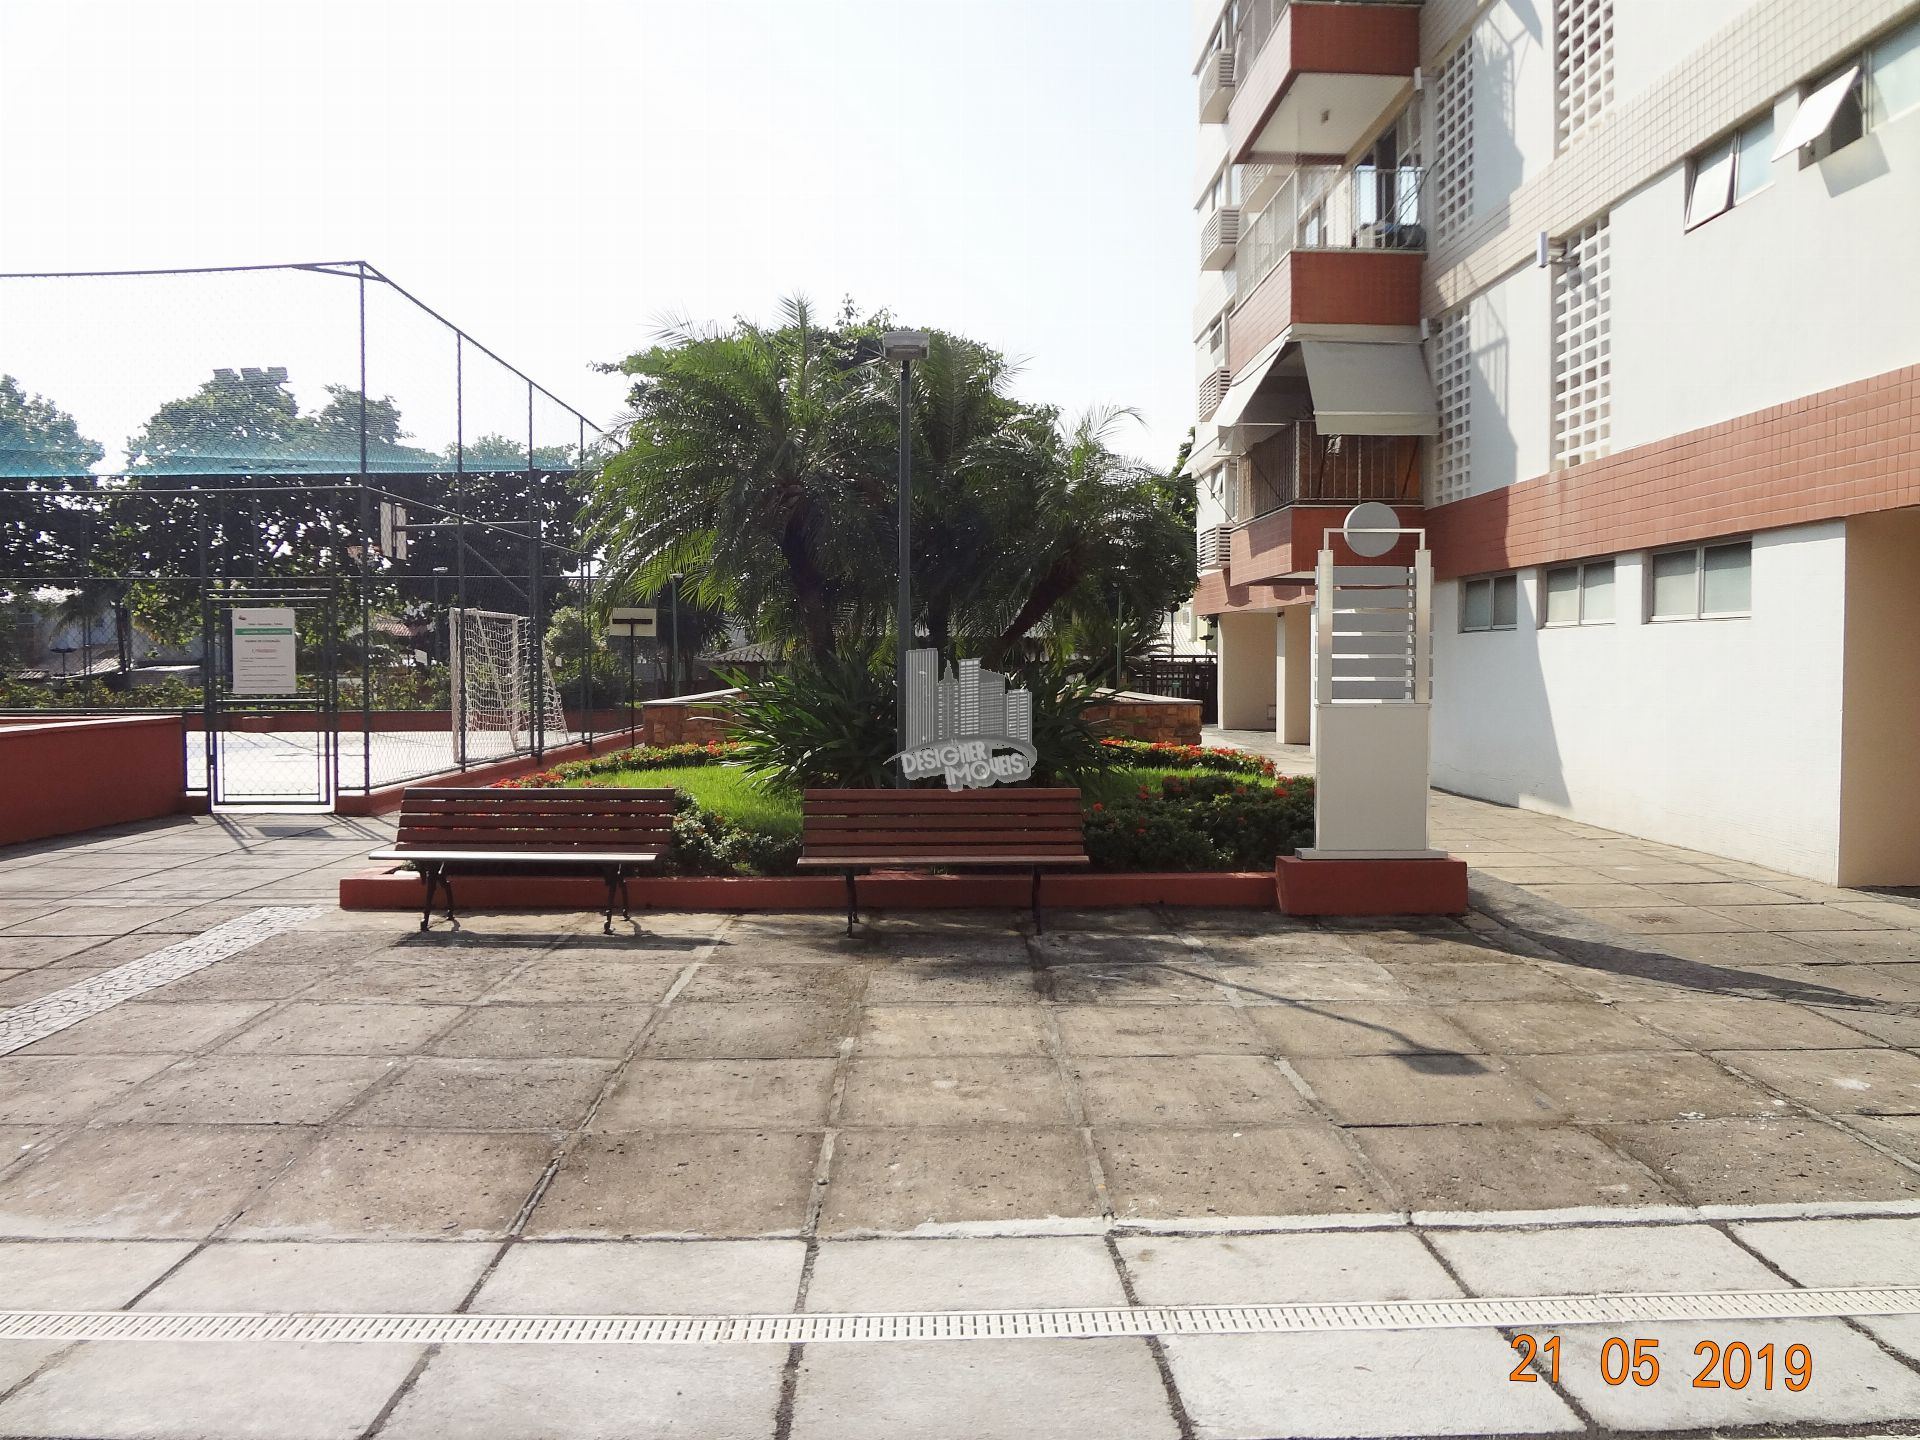 Apartamento Condomínio SOLAR DA BARRA, Rua Vilhena de Morais,Rio de Janeiro, Zona Oeste,Barra da Tijuca, RJ À Venda, 3 Quartos, 115m² - VRA3025 - 40